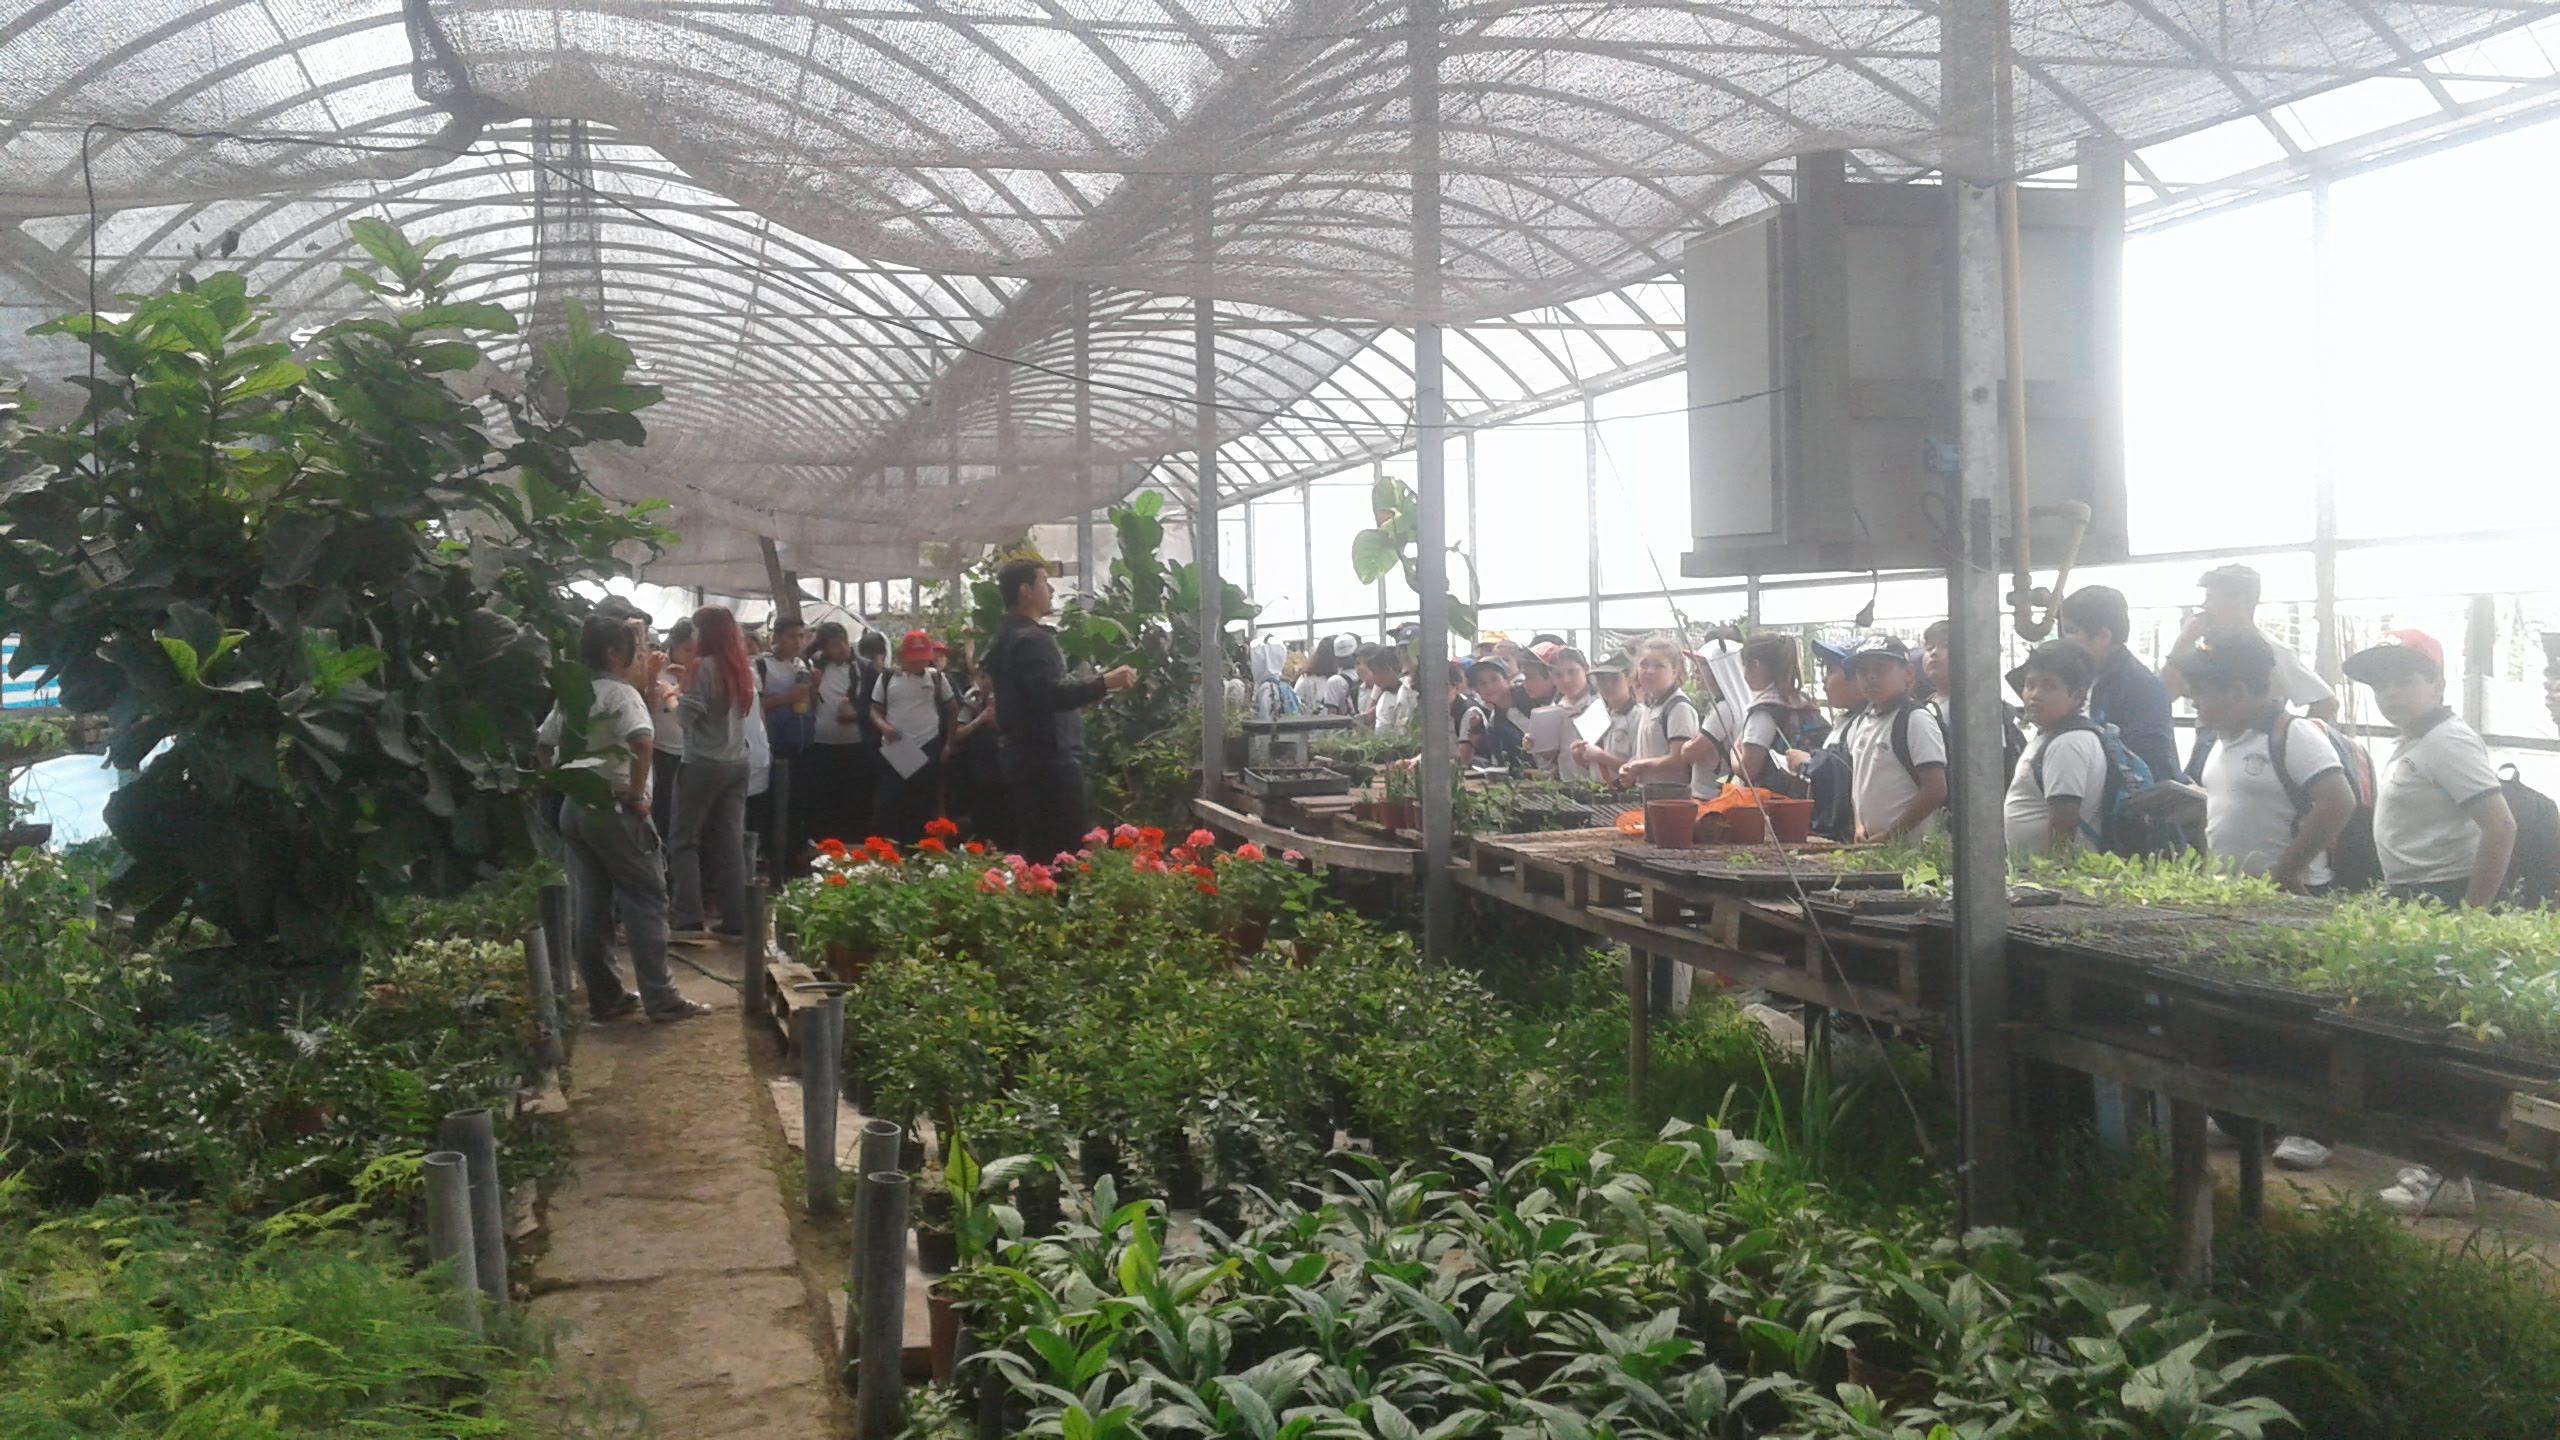 Instituto de Florihorticultura y Jardinería